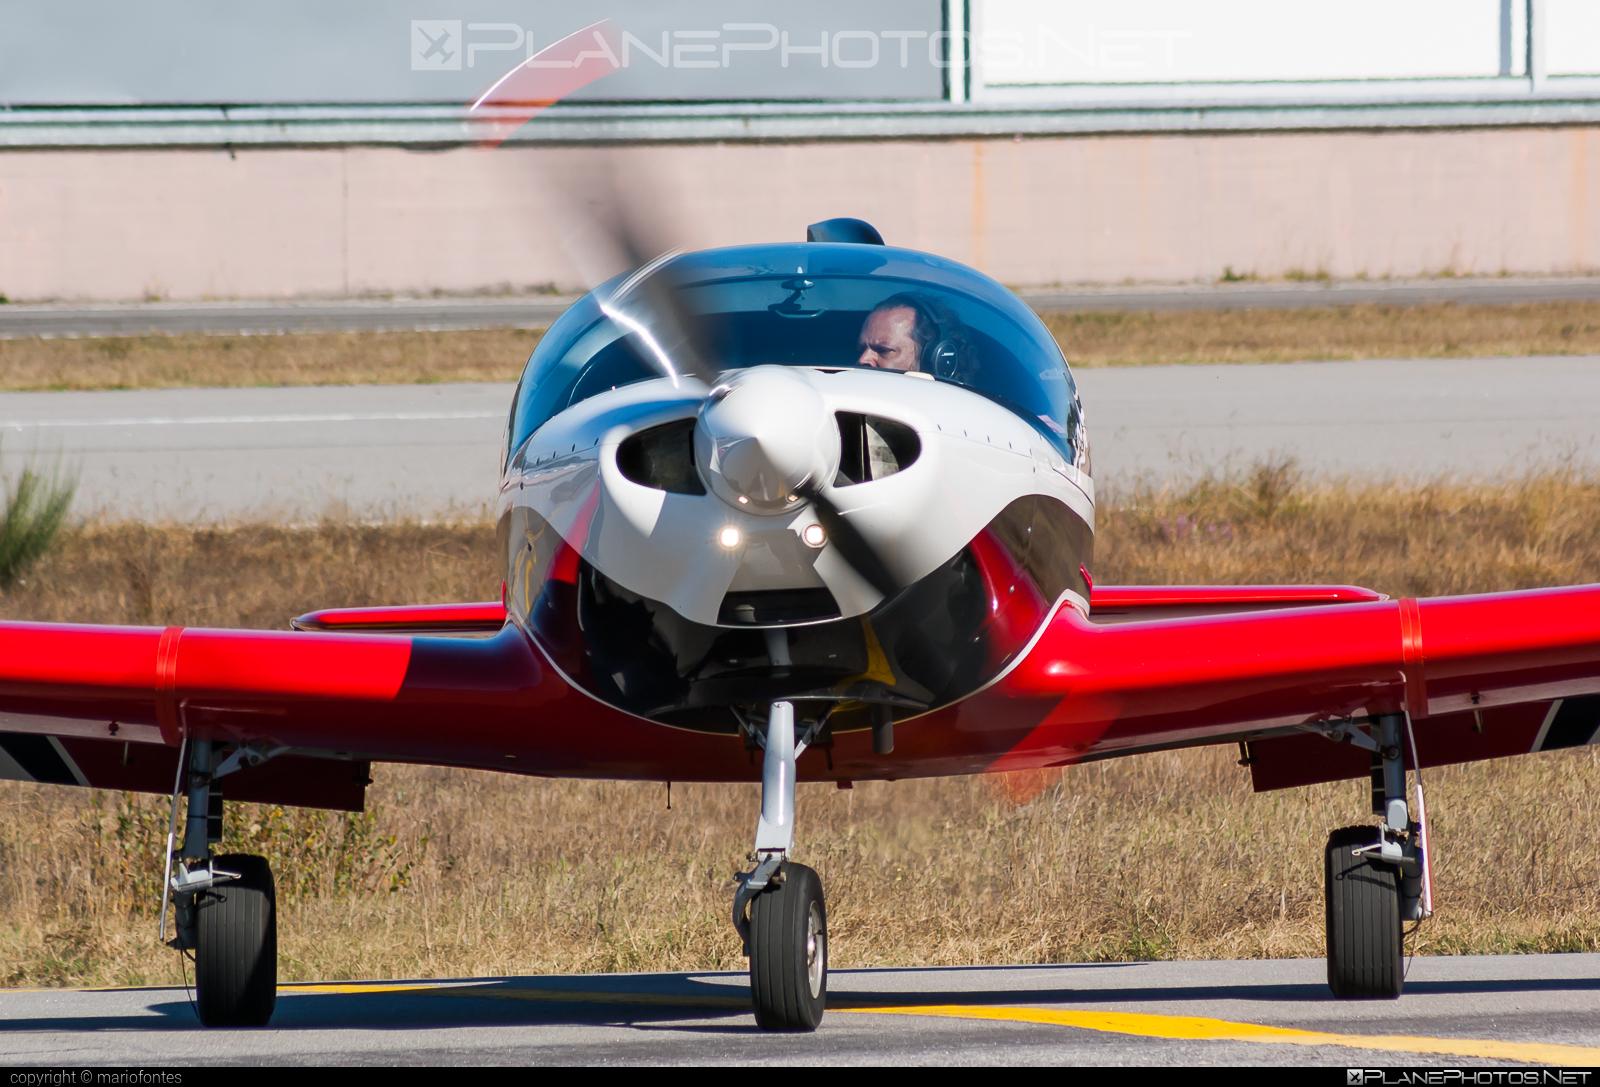 Aerospool WT9 Dynamic - CS-UON operated by Private operator #aerospool #wt9 #wt9dynamic